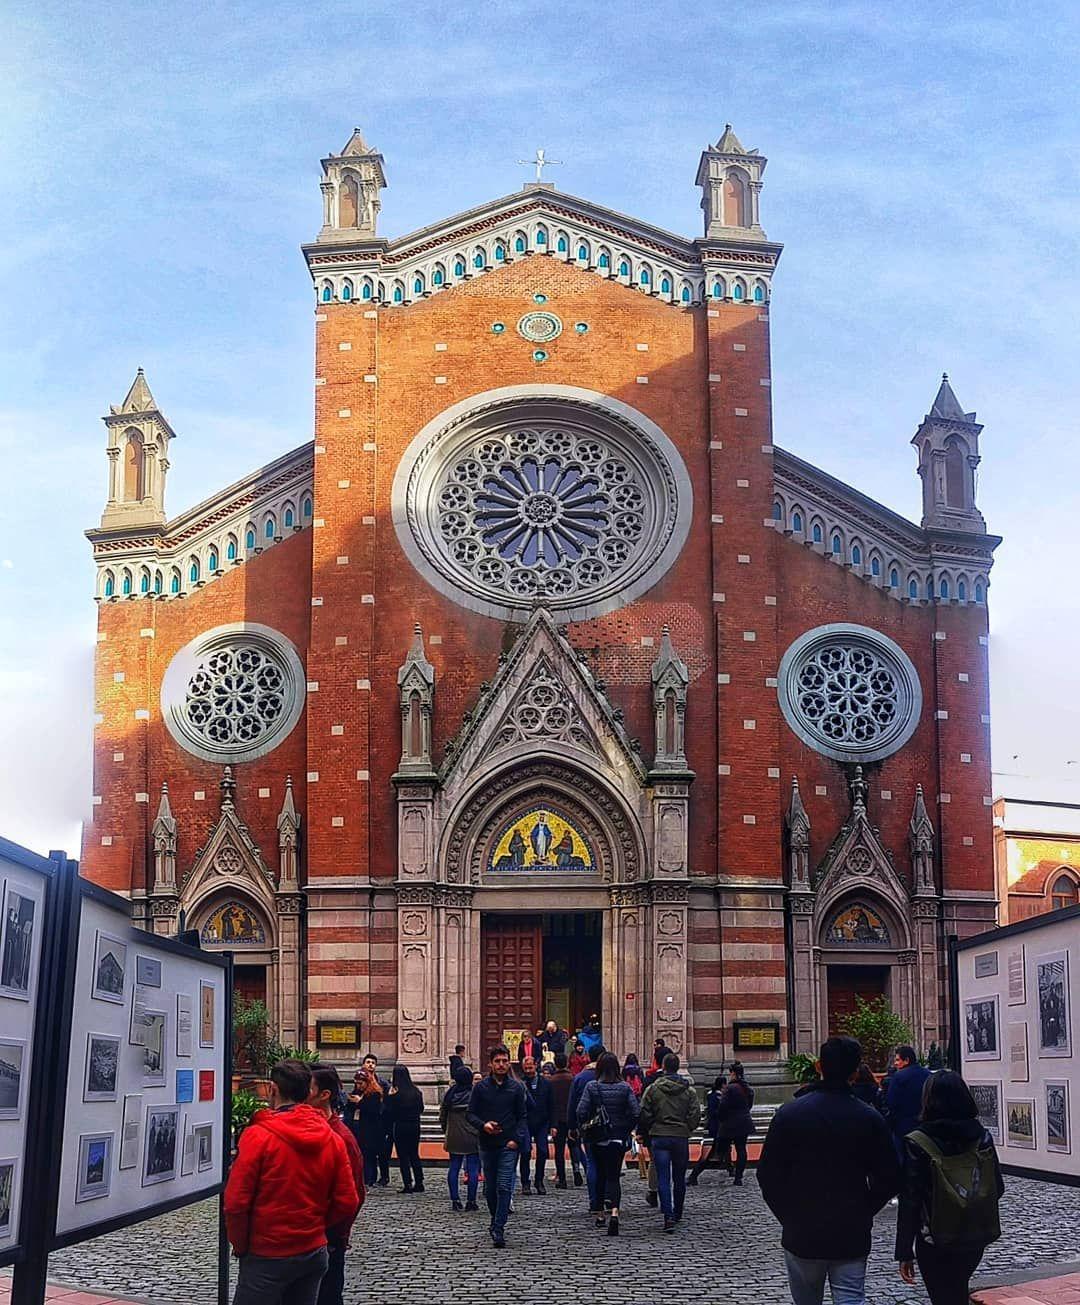 St. Anthony's' ile ilgili görsel sonucu